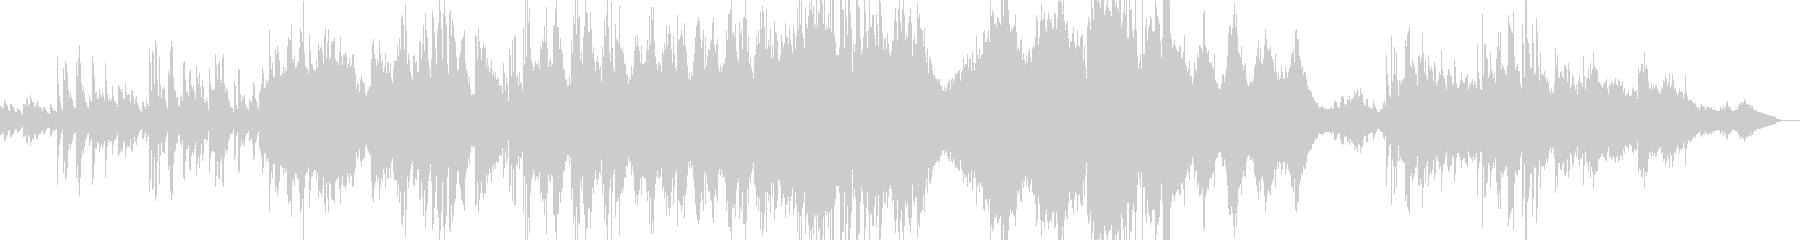 ロシア風のクラシカルなピアノ曲の未再生の波形